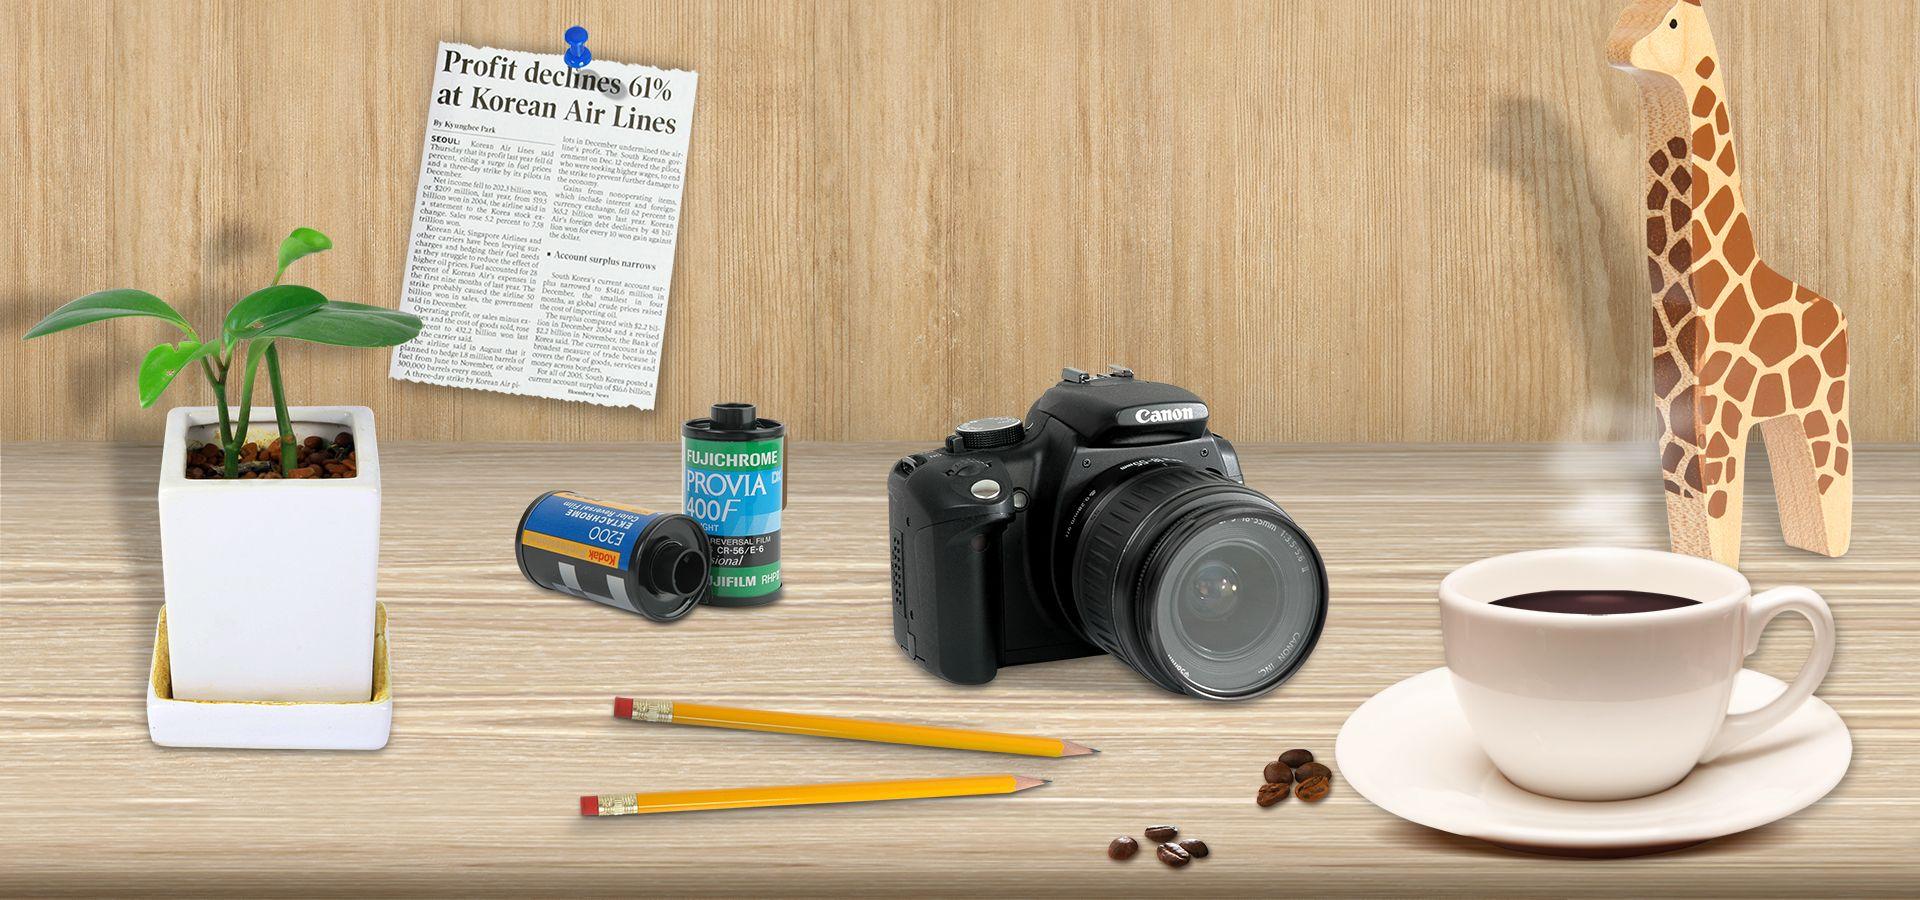 يؤدي وعاء القهوة اللون كاميرا اللعب ملصق شعار Colour Camera Coffee Toy Literature Art